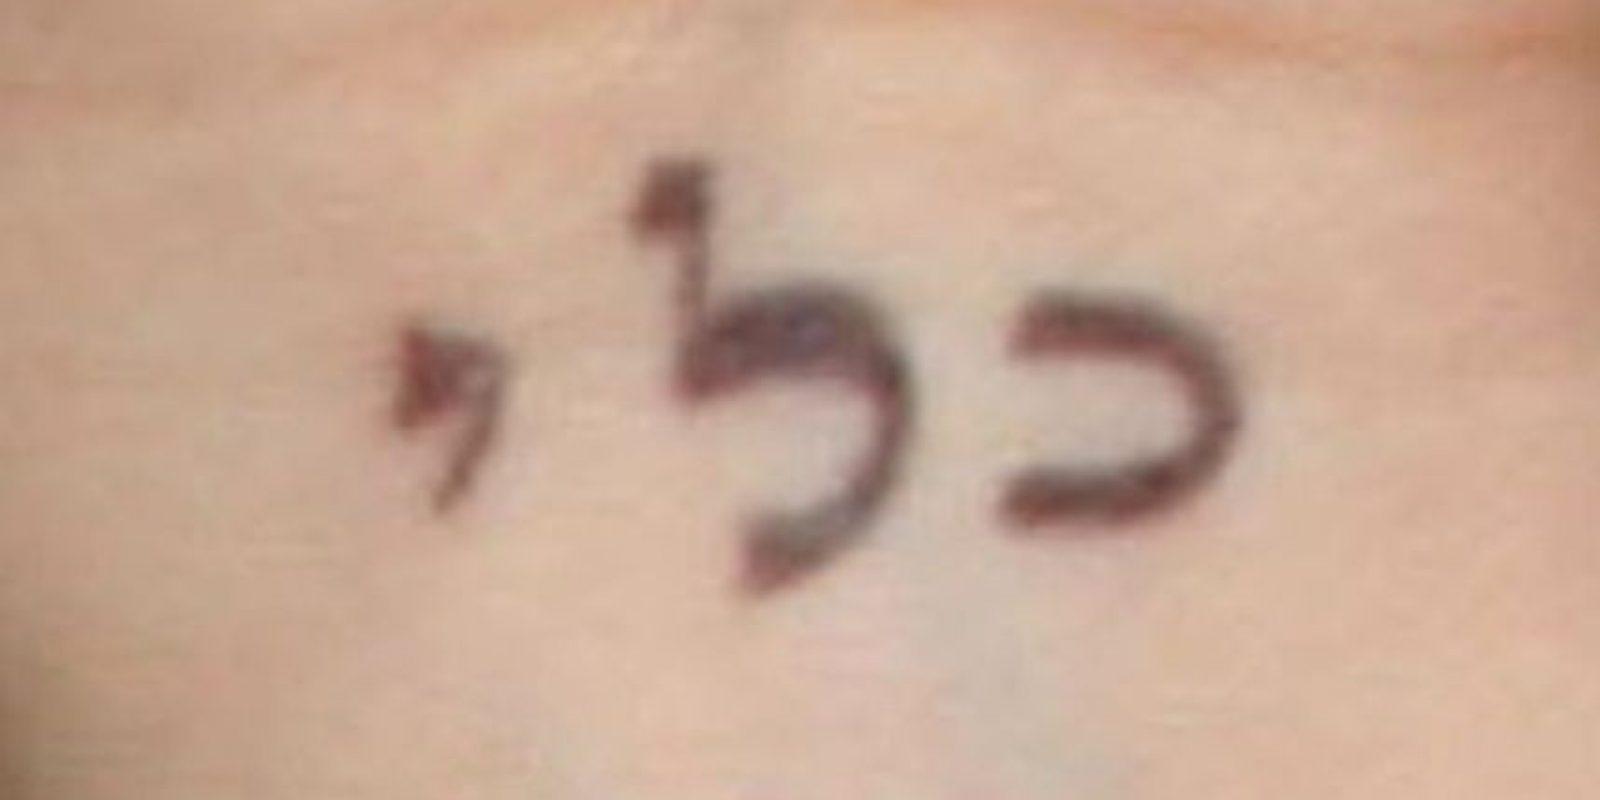 Este tatuaje hace referencia a la Cábala (disciplina del pensamiento esotérico). Foto:Getty Images